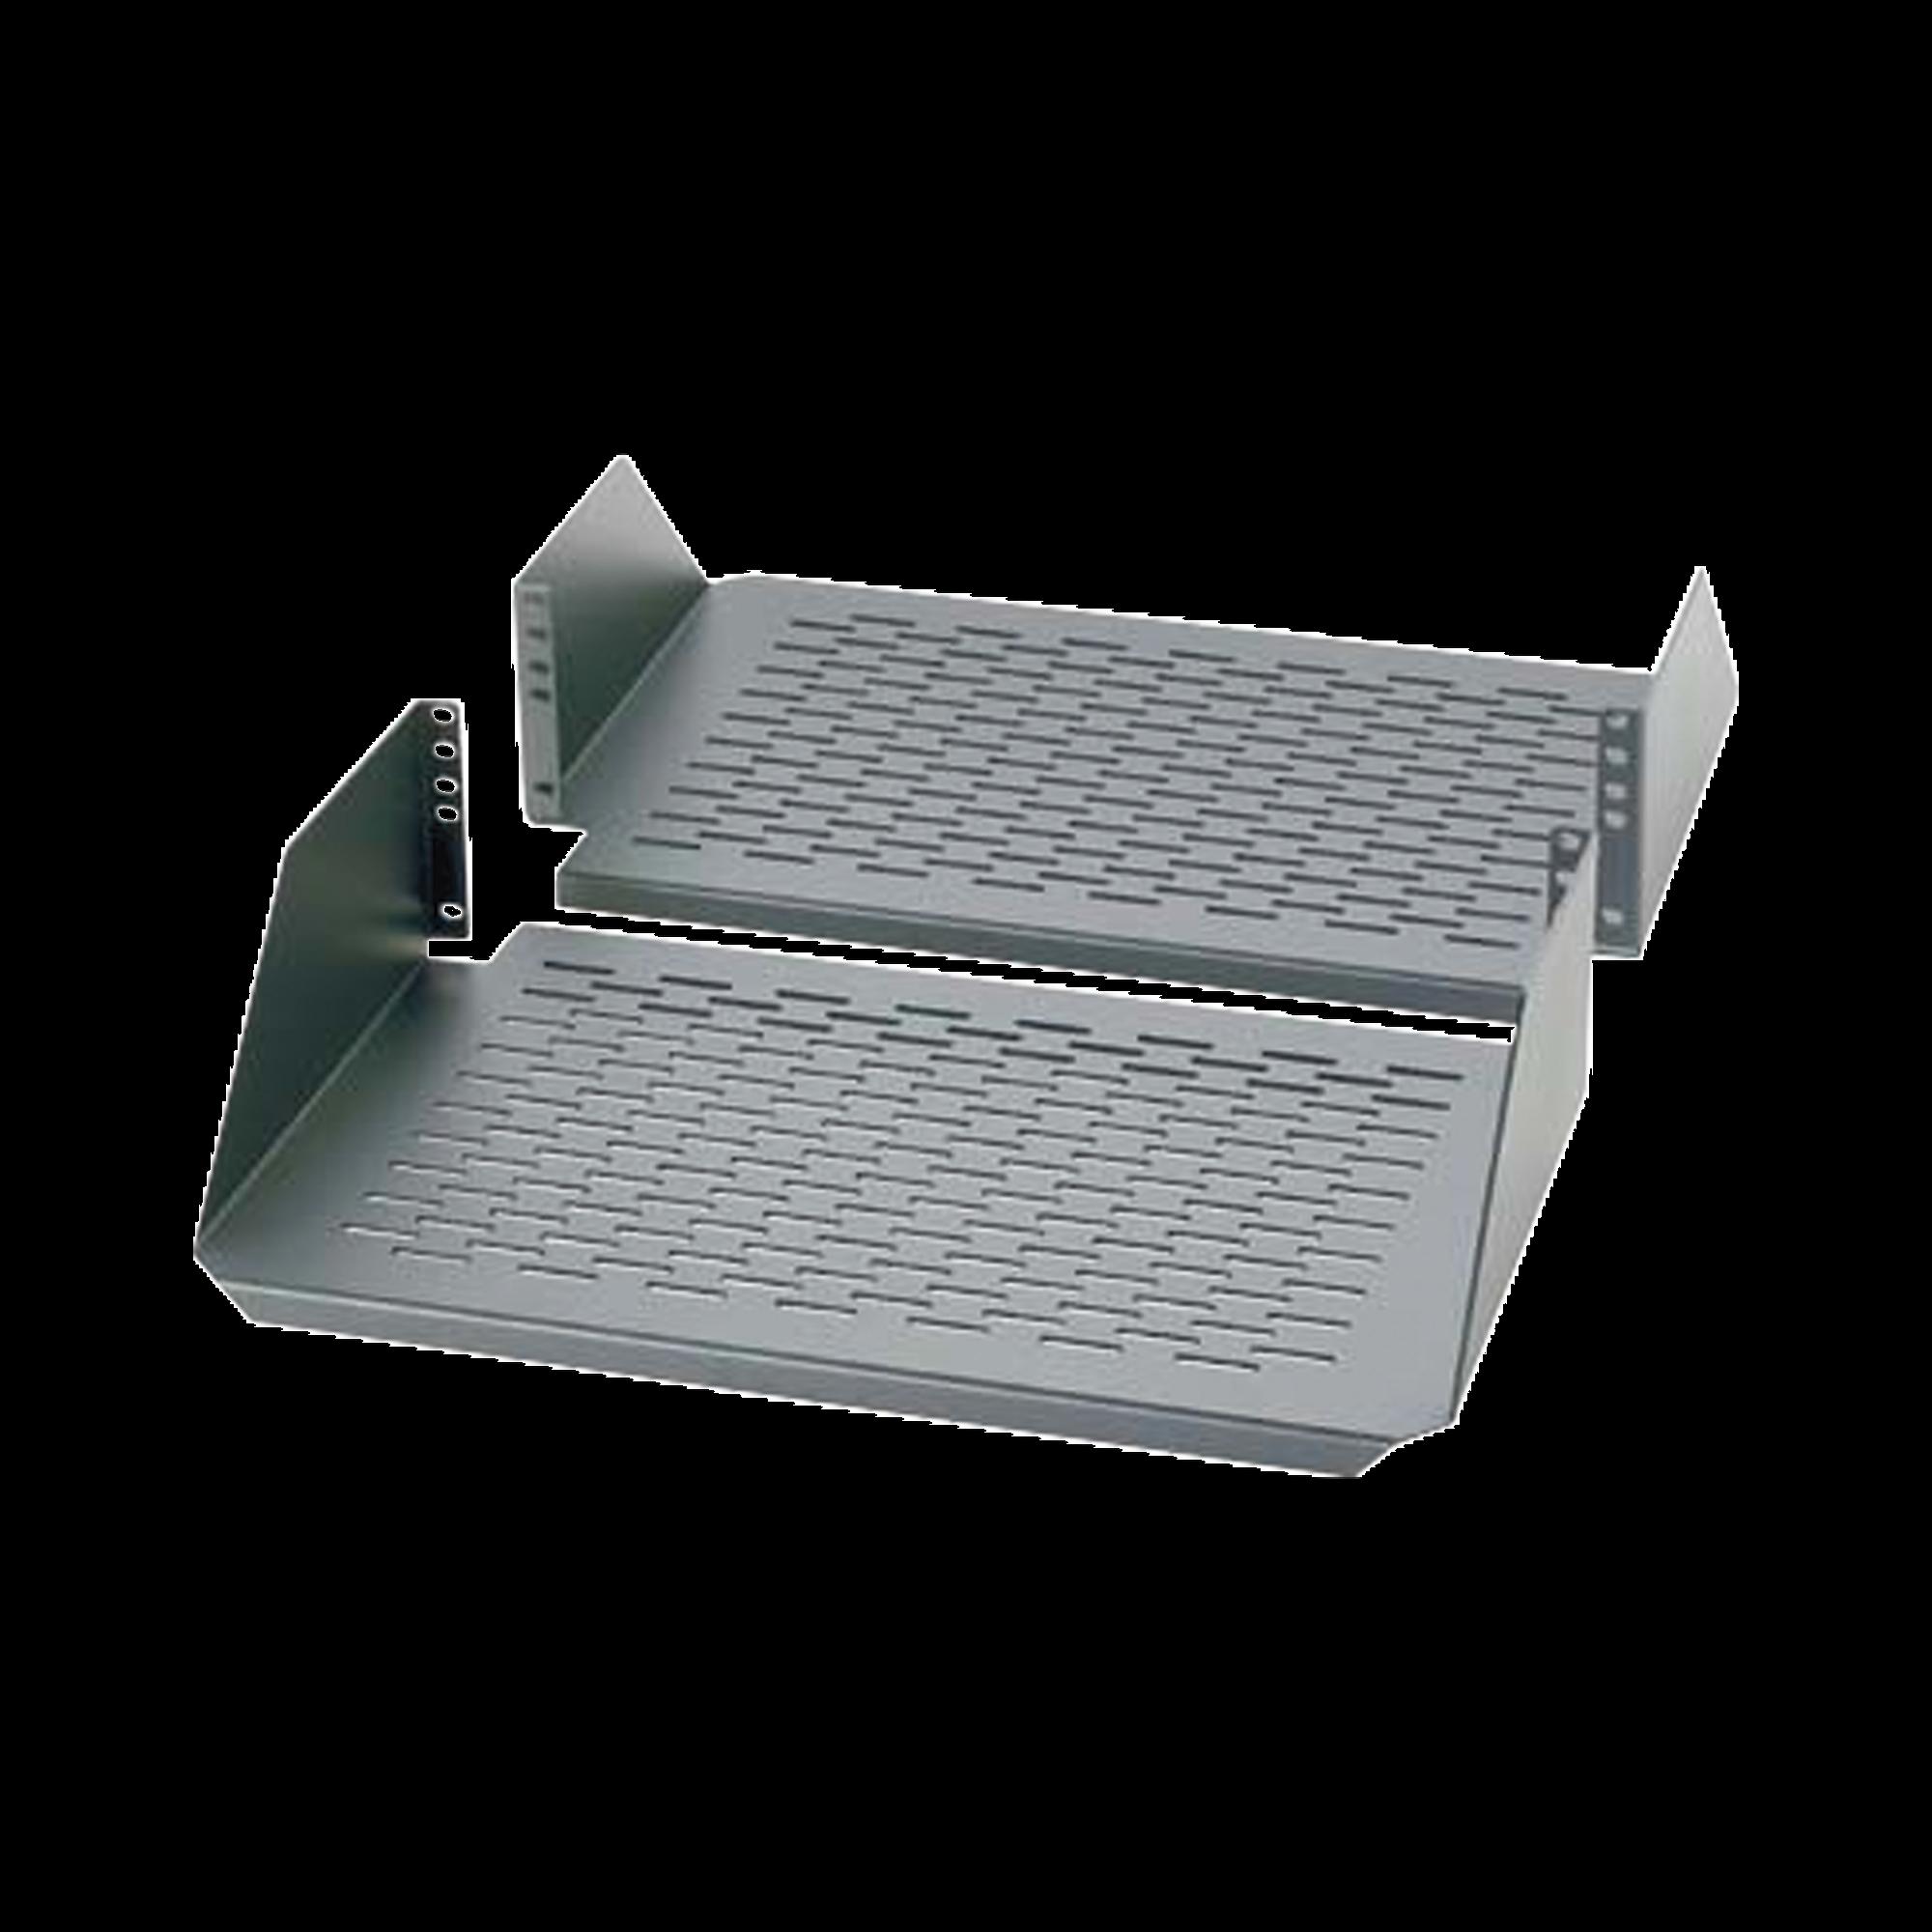 Charola Para Soportar Equipos en Rack de 19in, Ventilada, Frontal y Posterior, Capacidad de 136 Kg, 3UR